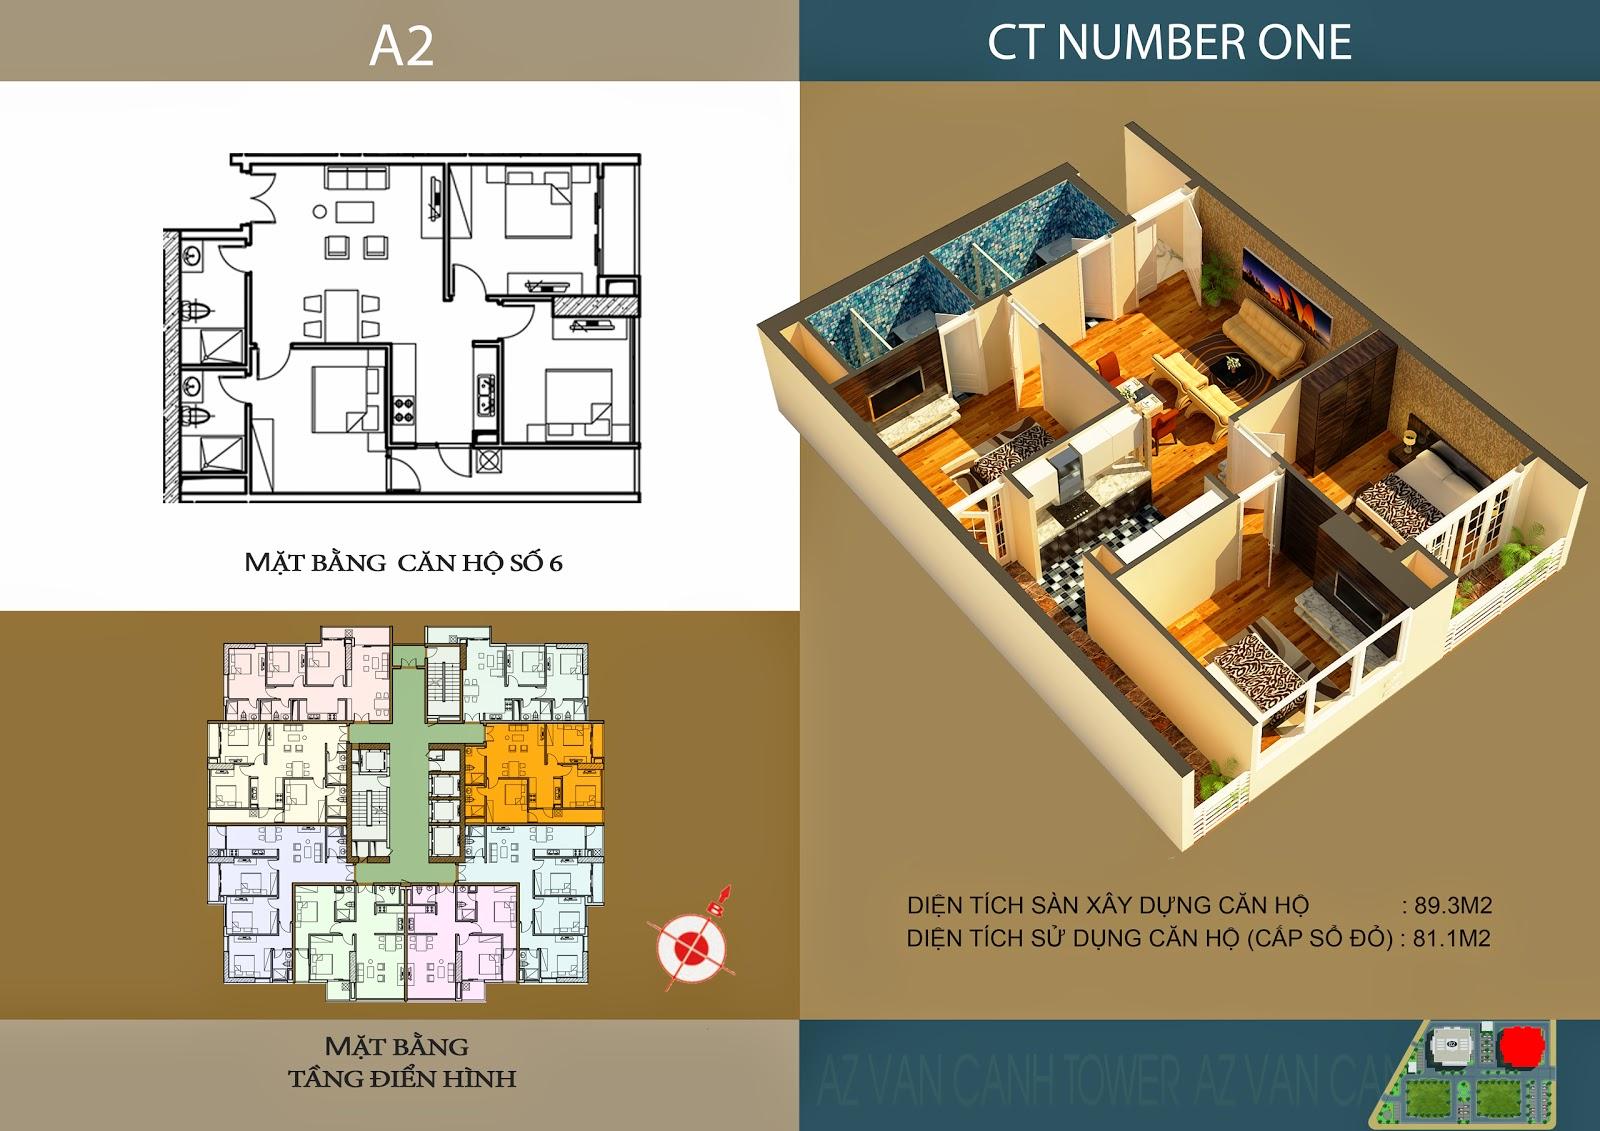 Căn số 6 - Diện tích 89.3m2 tại tòa A2 Chung cư CT Number One